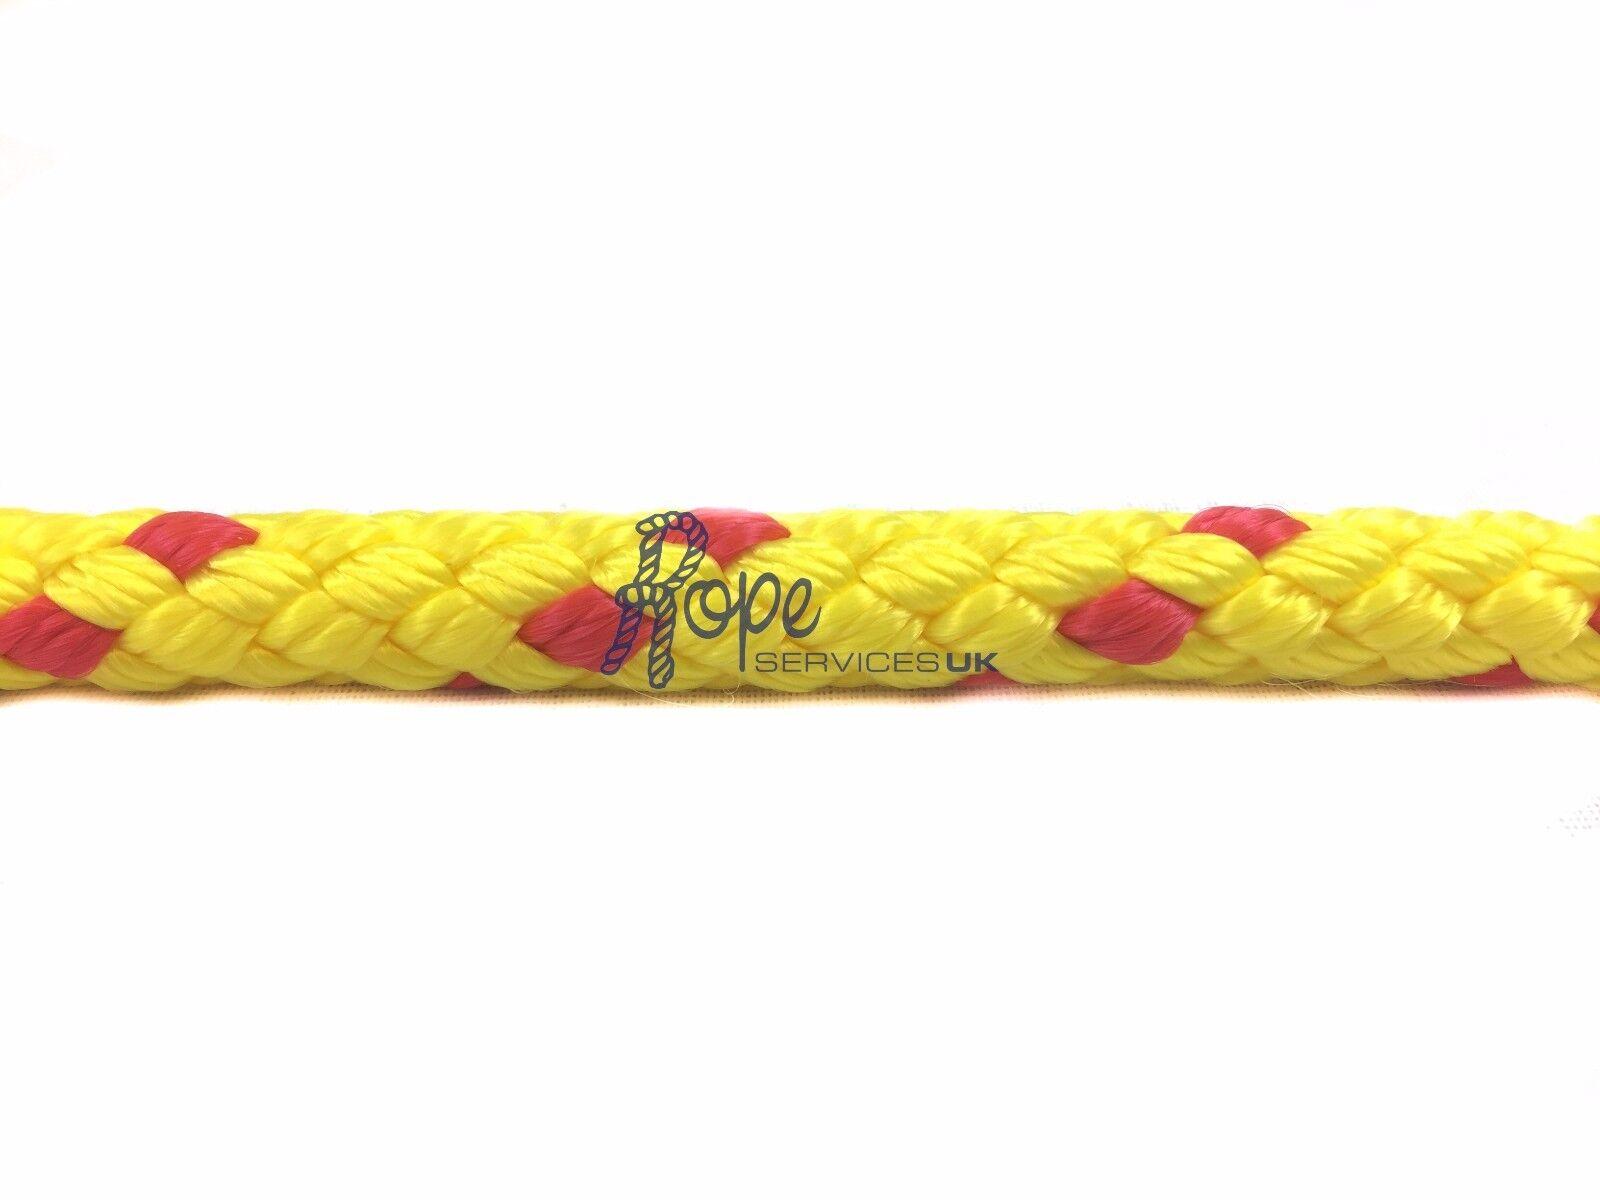 12mm gelb & Rot schwimmende schwimmende schwimmende Sicherheit leben Line Boje Seil x 50 Meter Rolle 0212bf